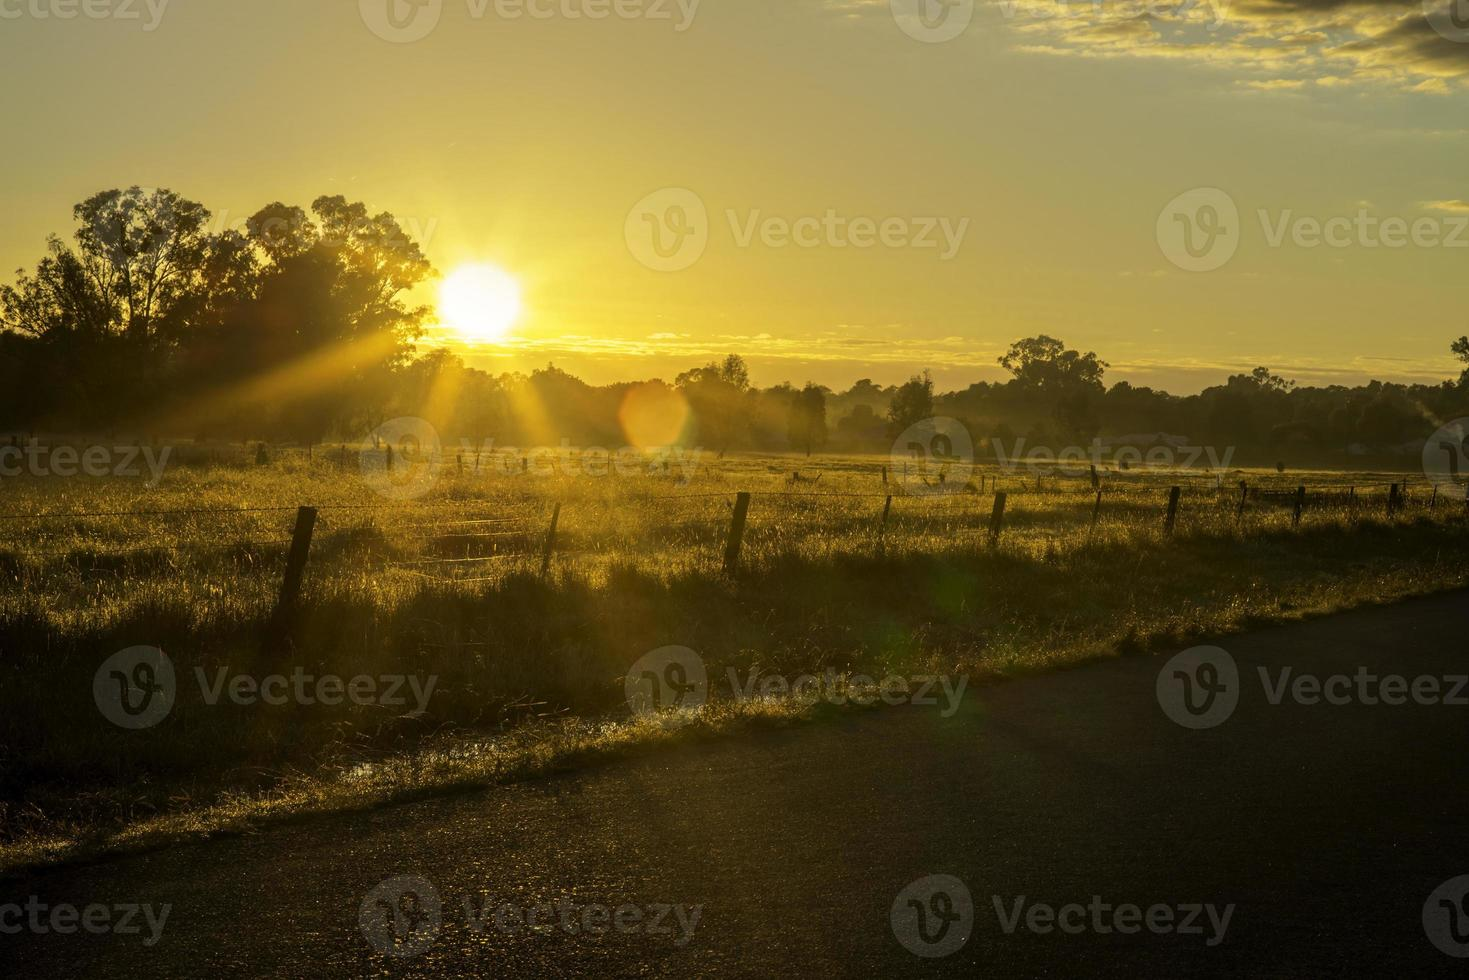 vägsidan av horisonten vid solnedgången foto